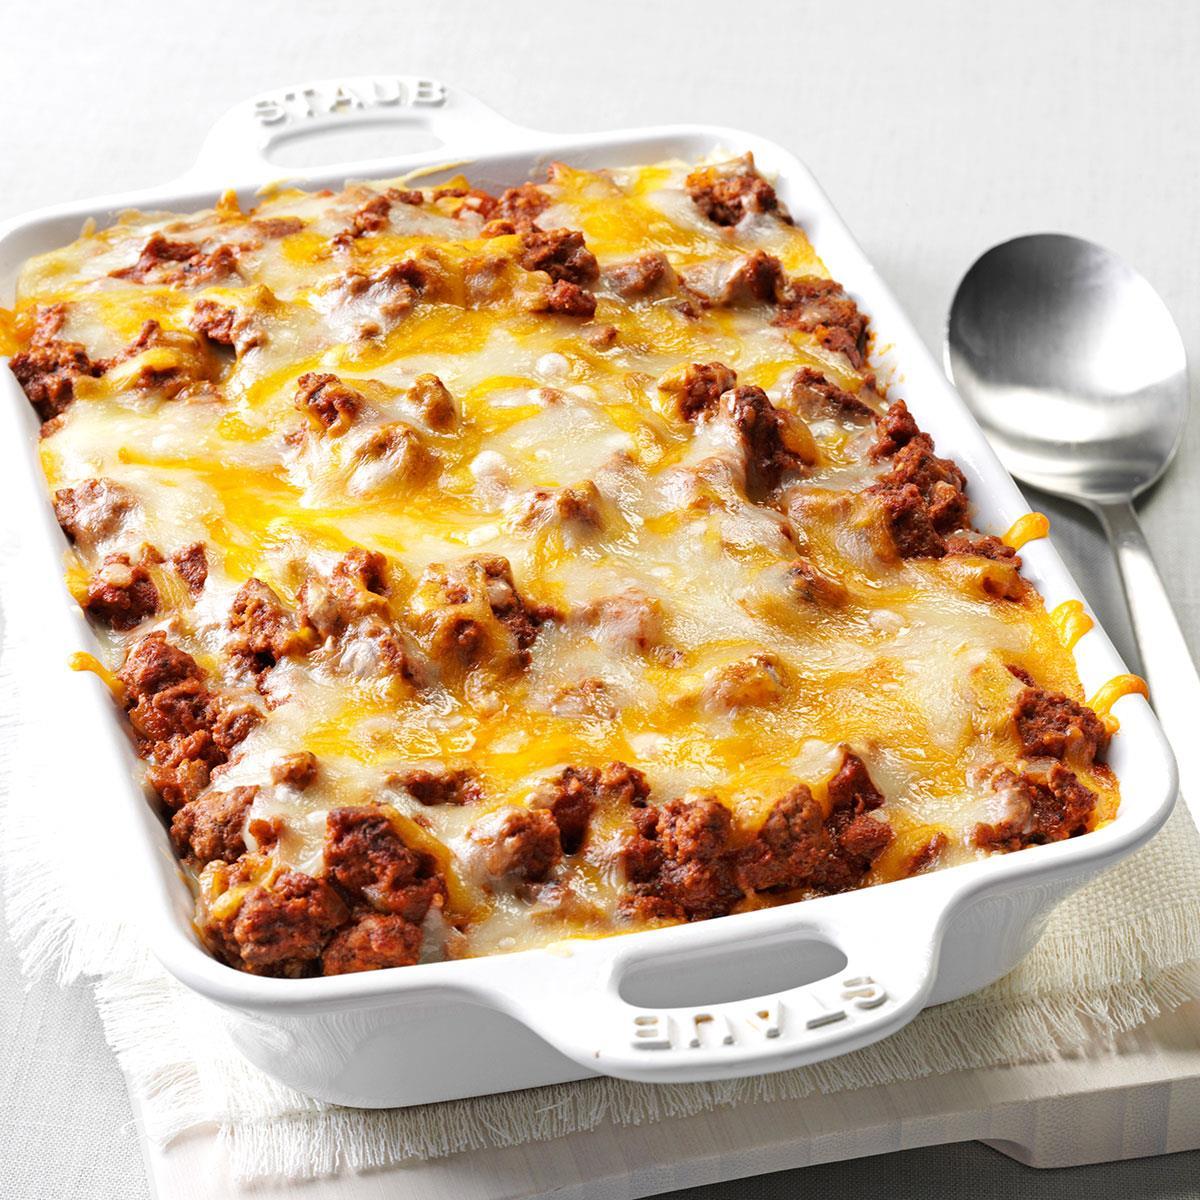 spaghetti pie casserole recipe taste of home rh tasteofhome com